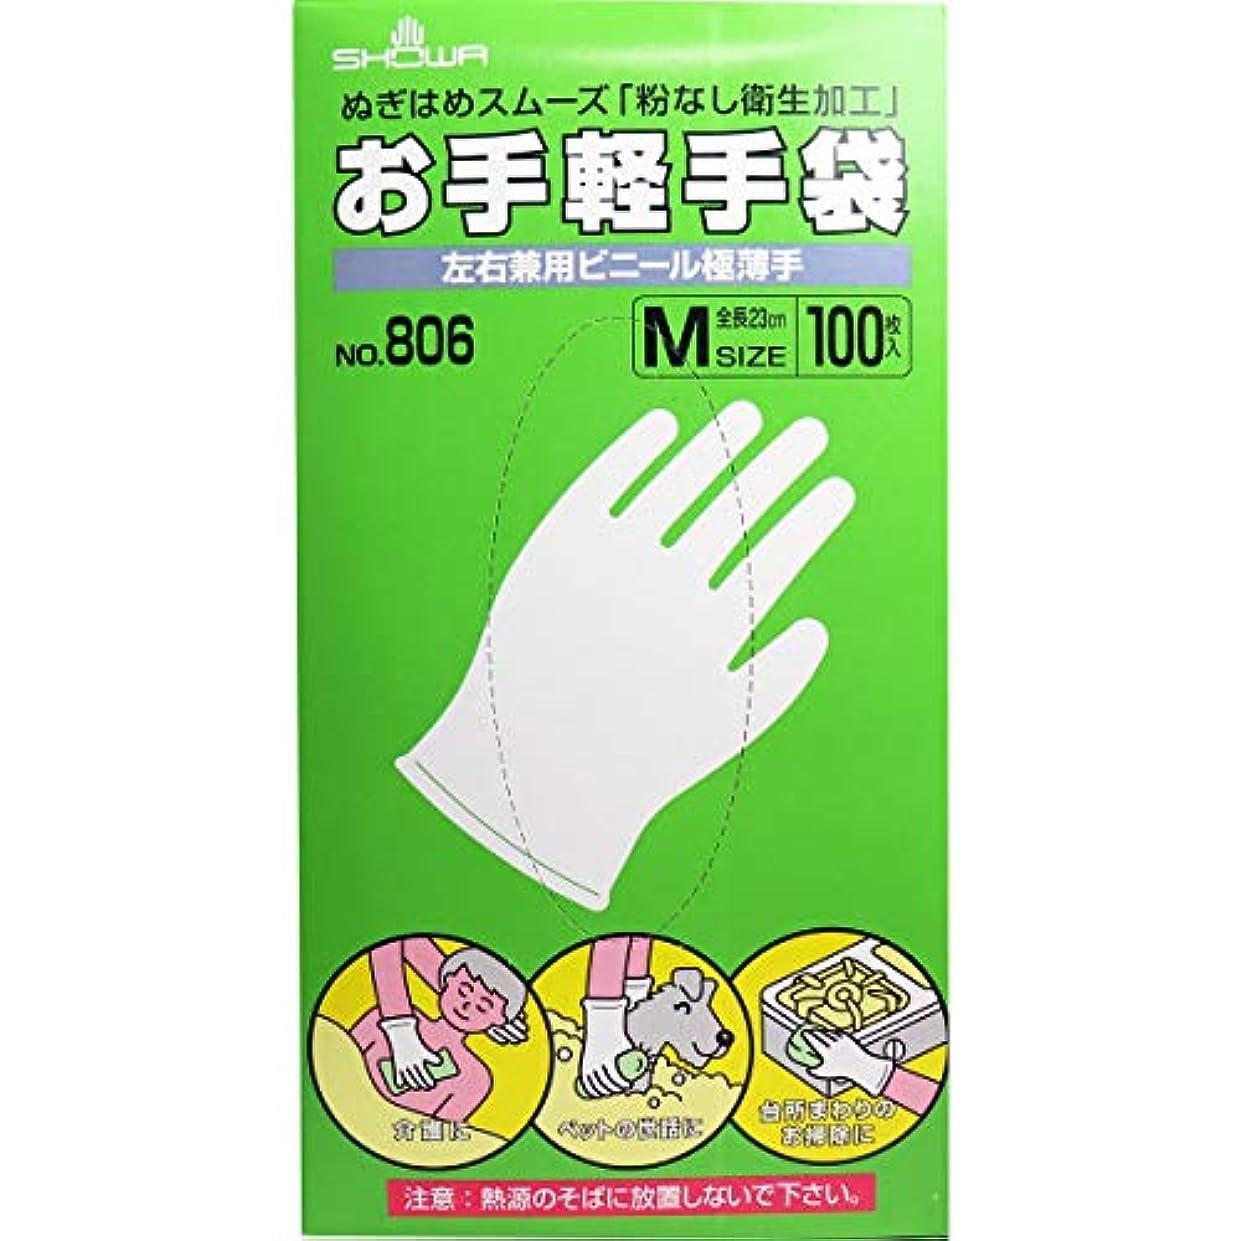 楕円形インサート時計お手軽手袋 No.806 左右兼用ビニール極薄手 粉なし Mサイズ 100枚入×2個セット